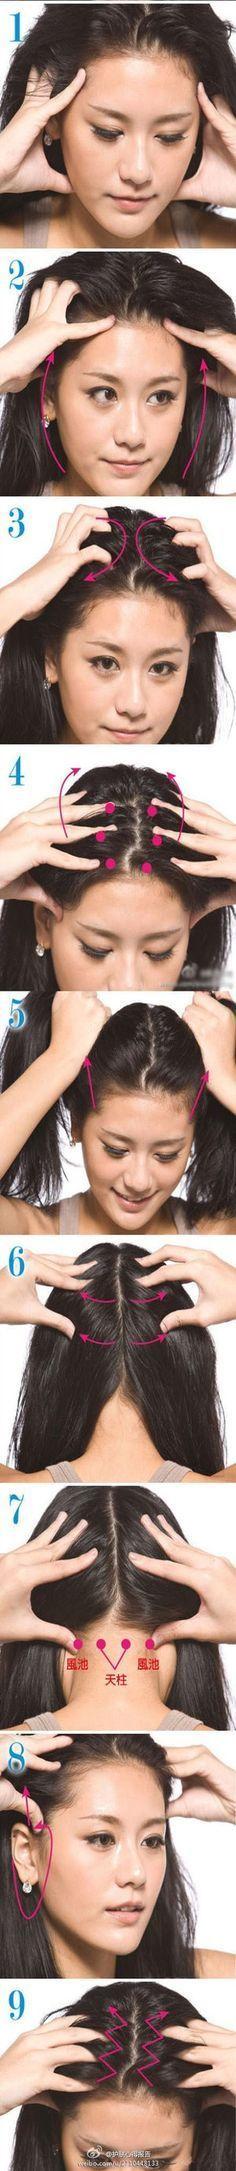 O 'milagre' da multiplicação dos fios! Como fazer o cabelo crescer